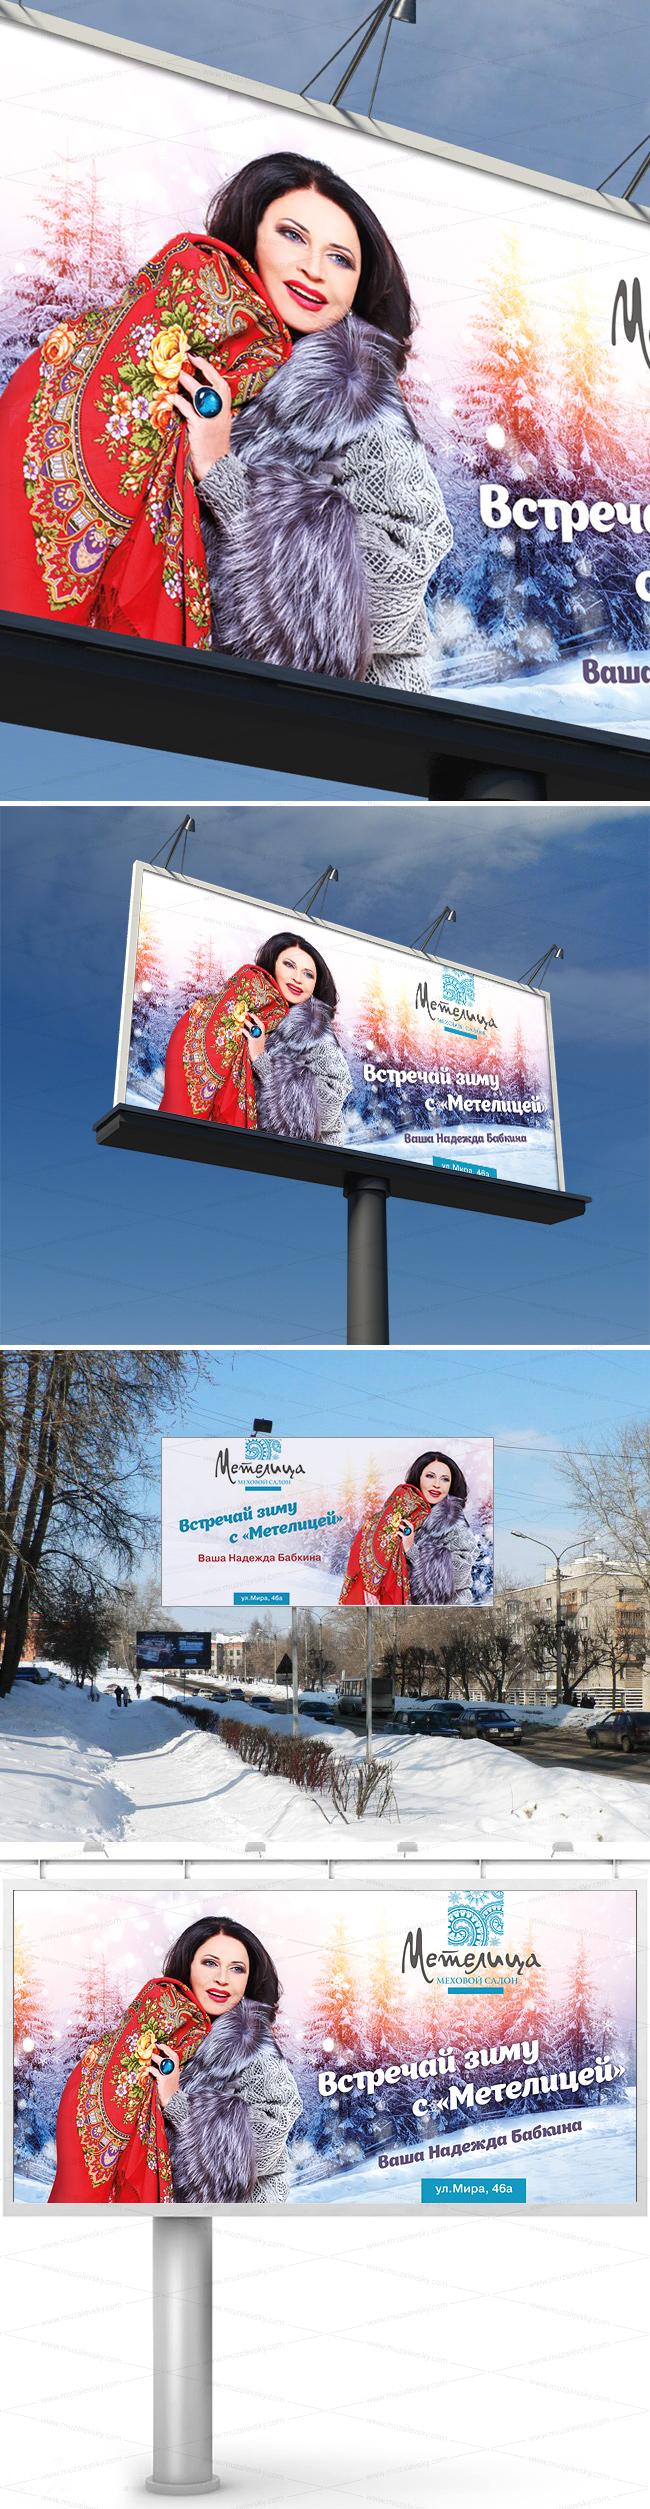 Metelica_Babkina_billboard_m